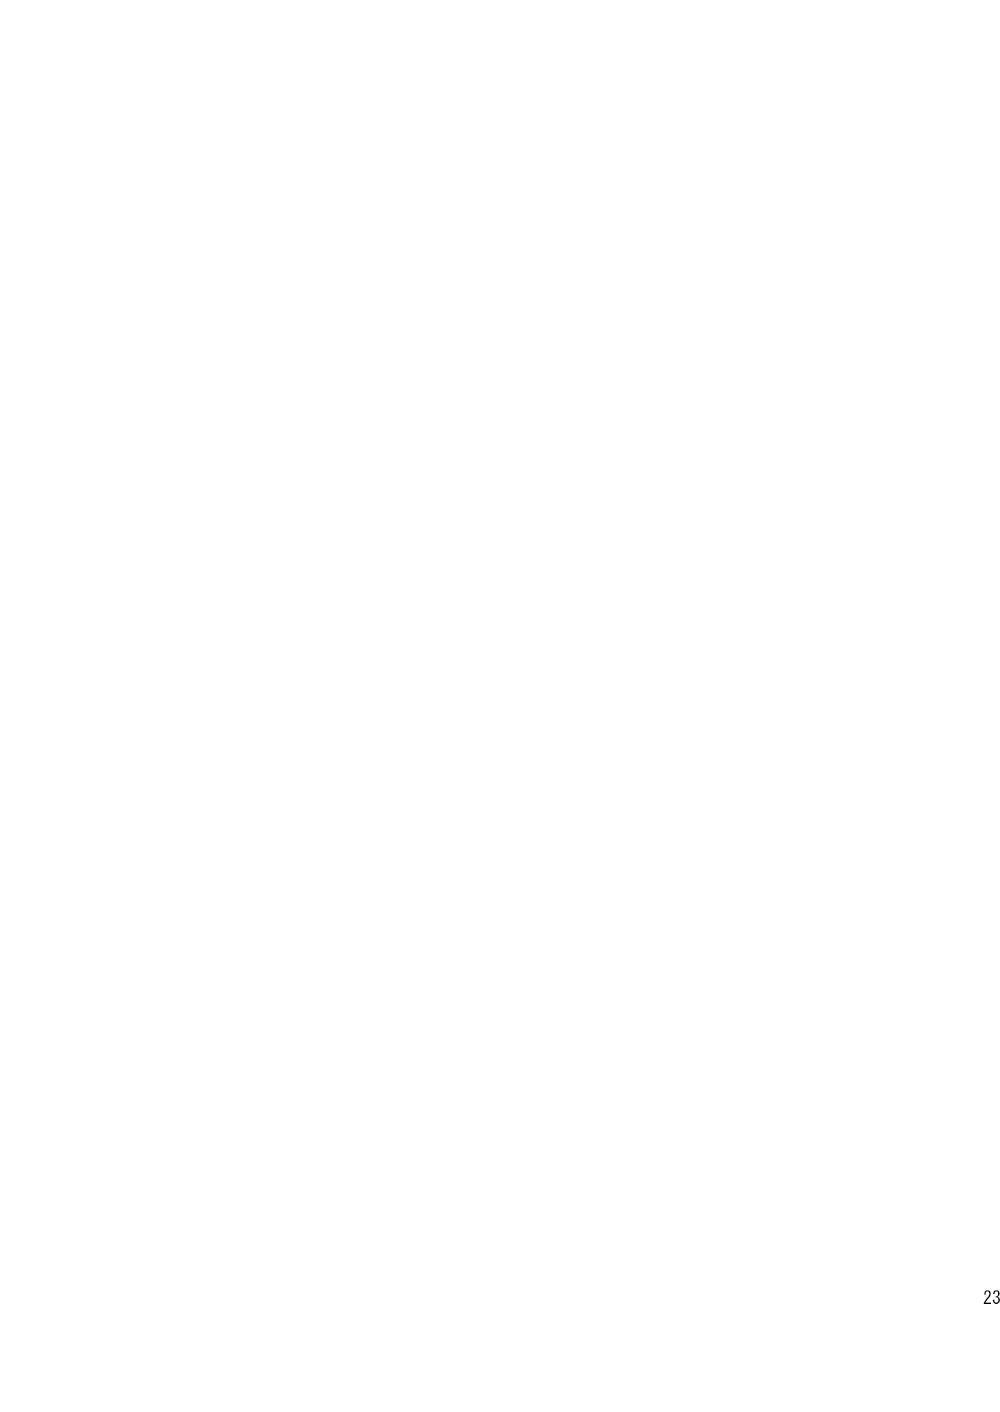 Gekkan Shounen Zoom 2020-06 22